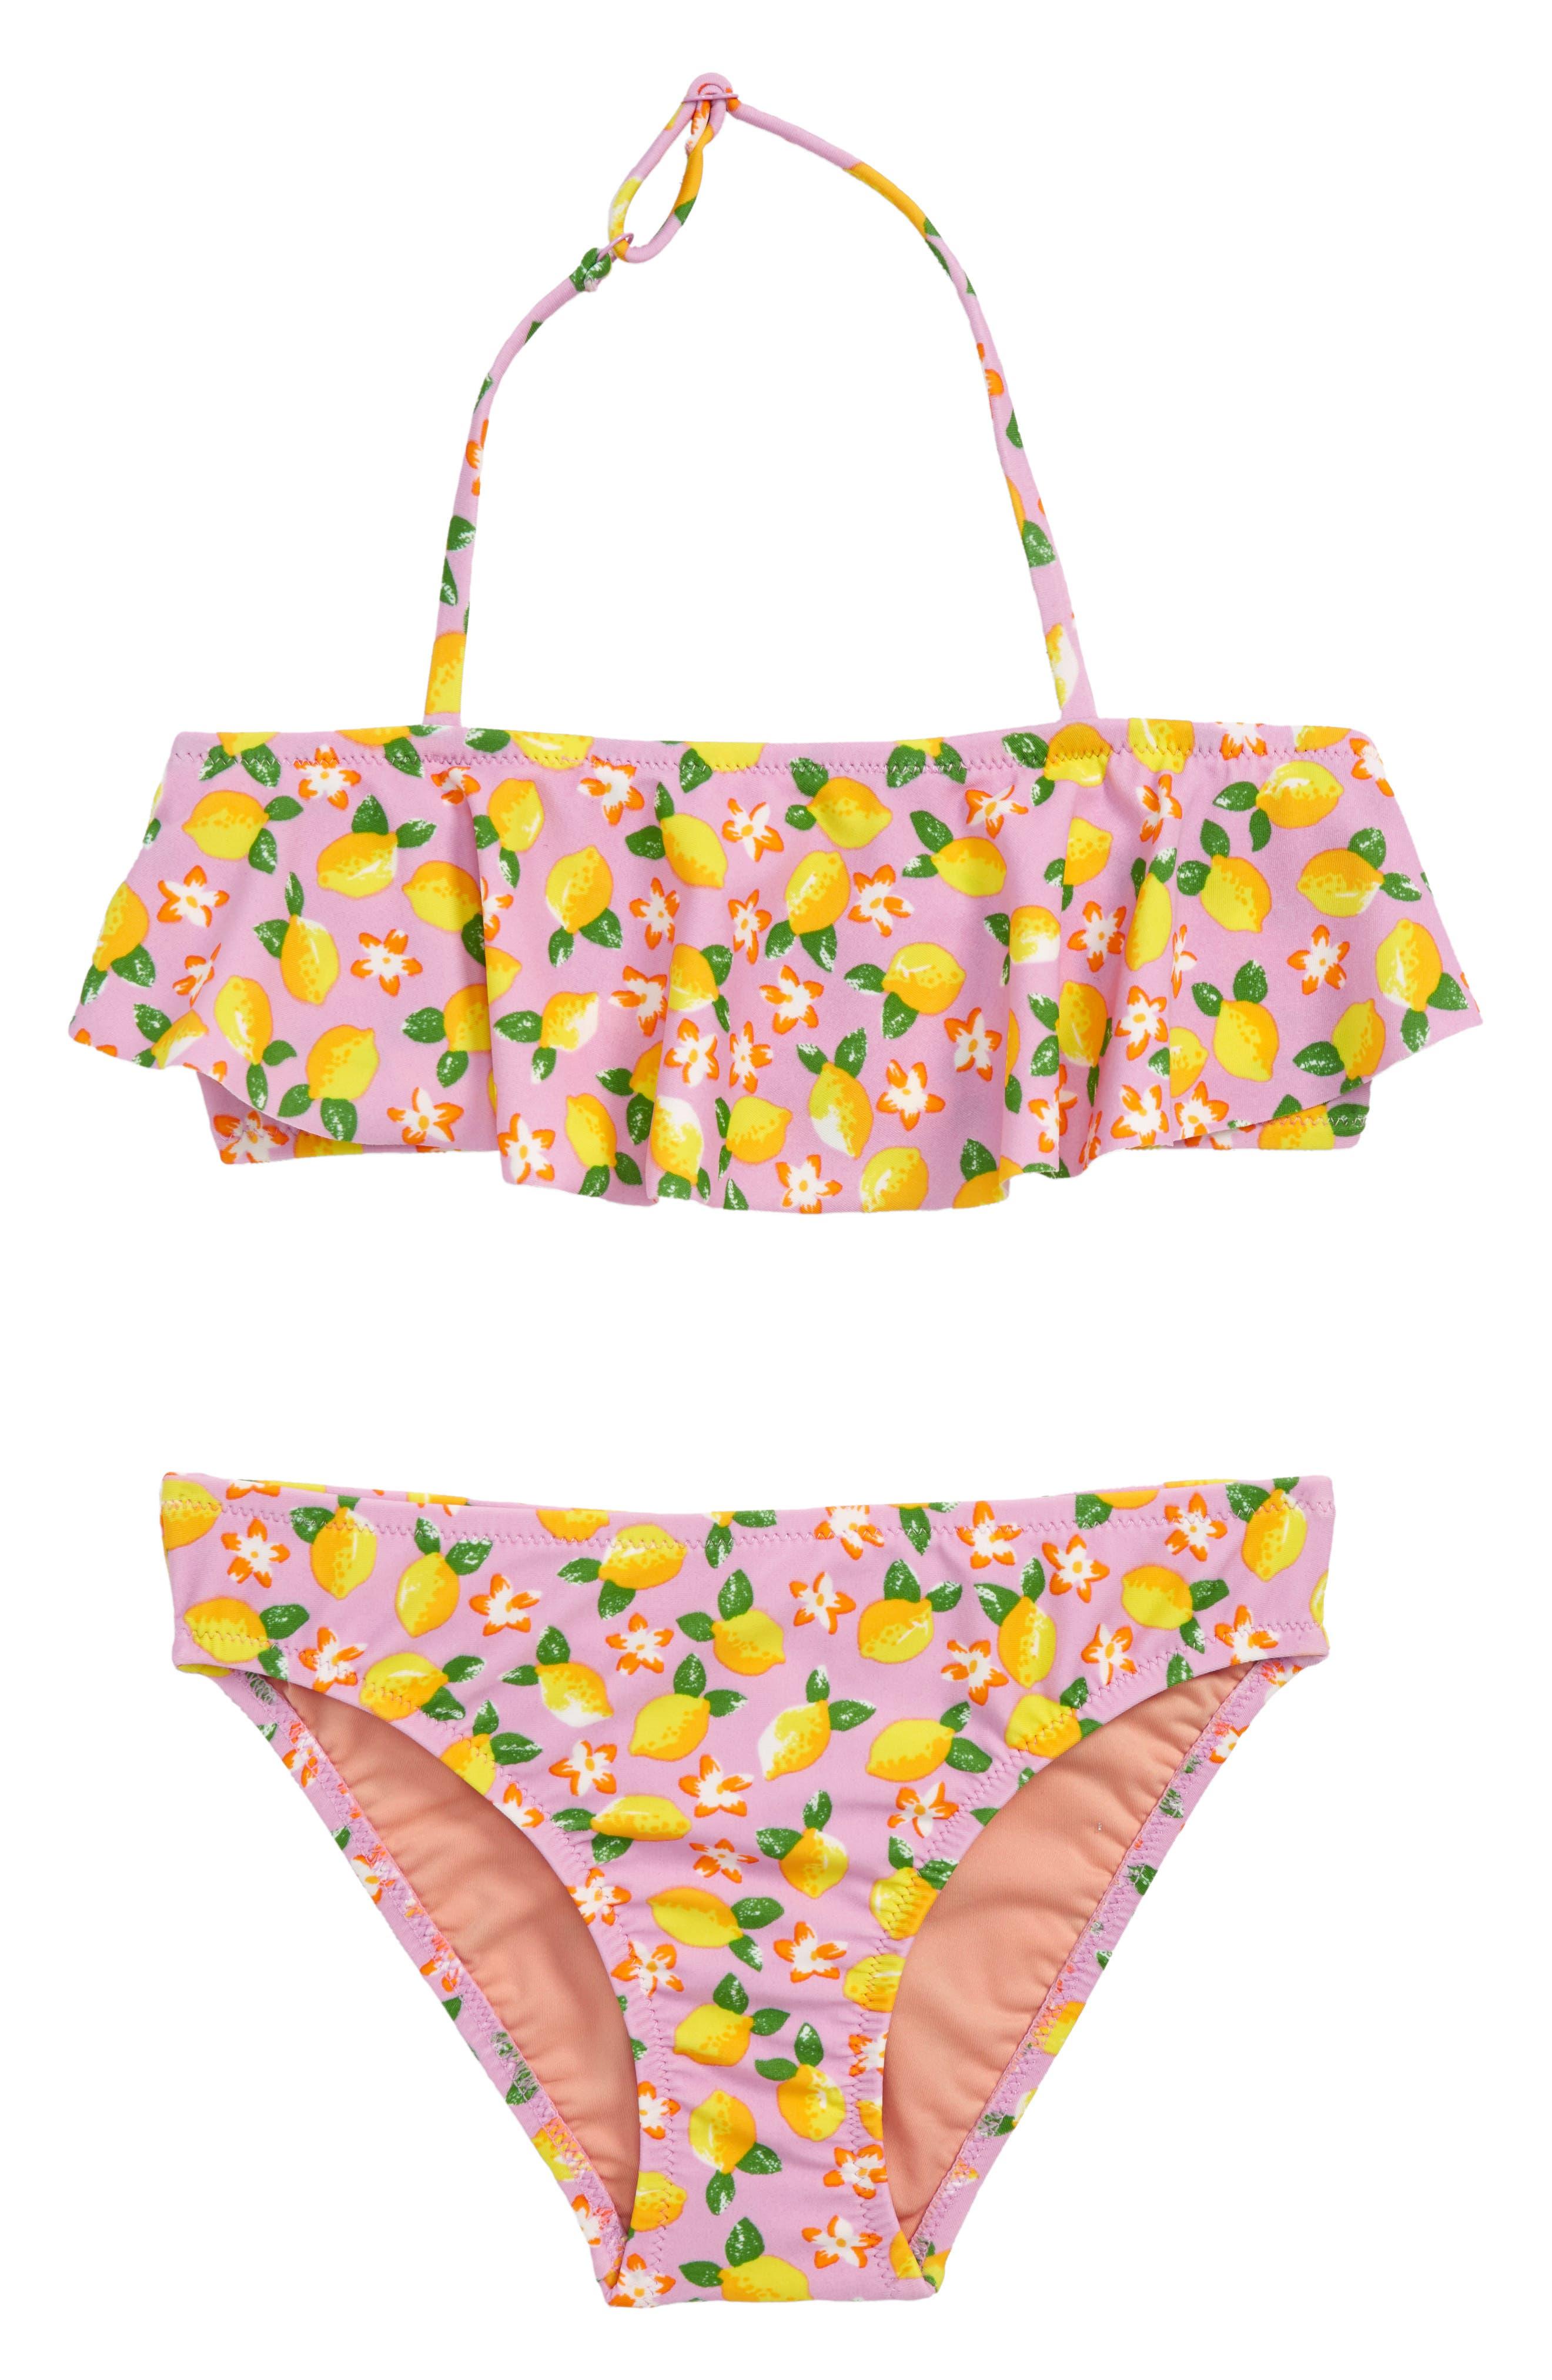 Lemon Print Ruffle Two-Piece Swimsuit,                         Main,                         color, 650